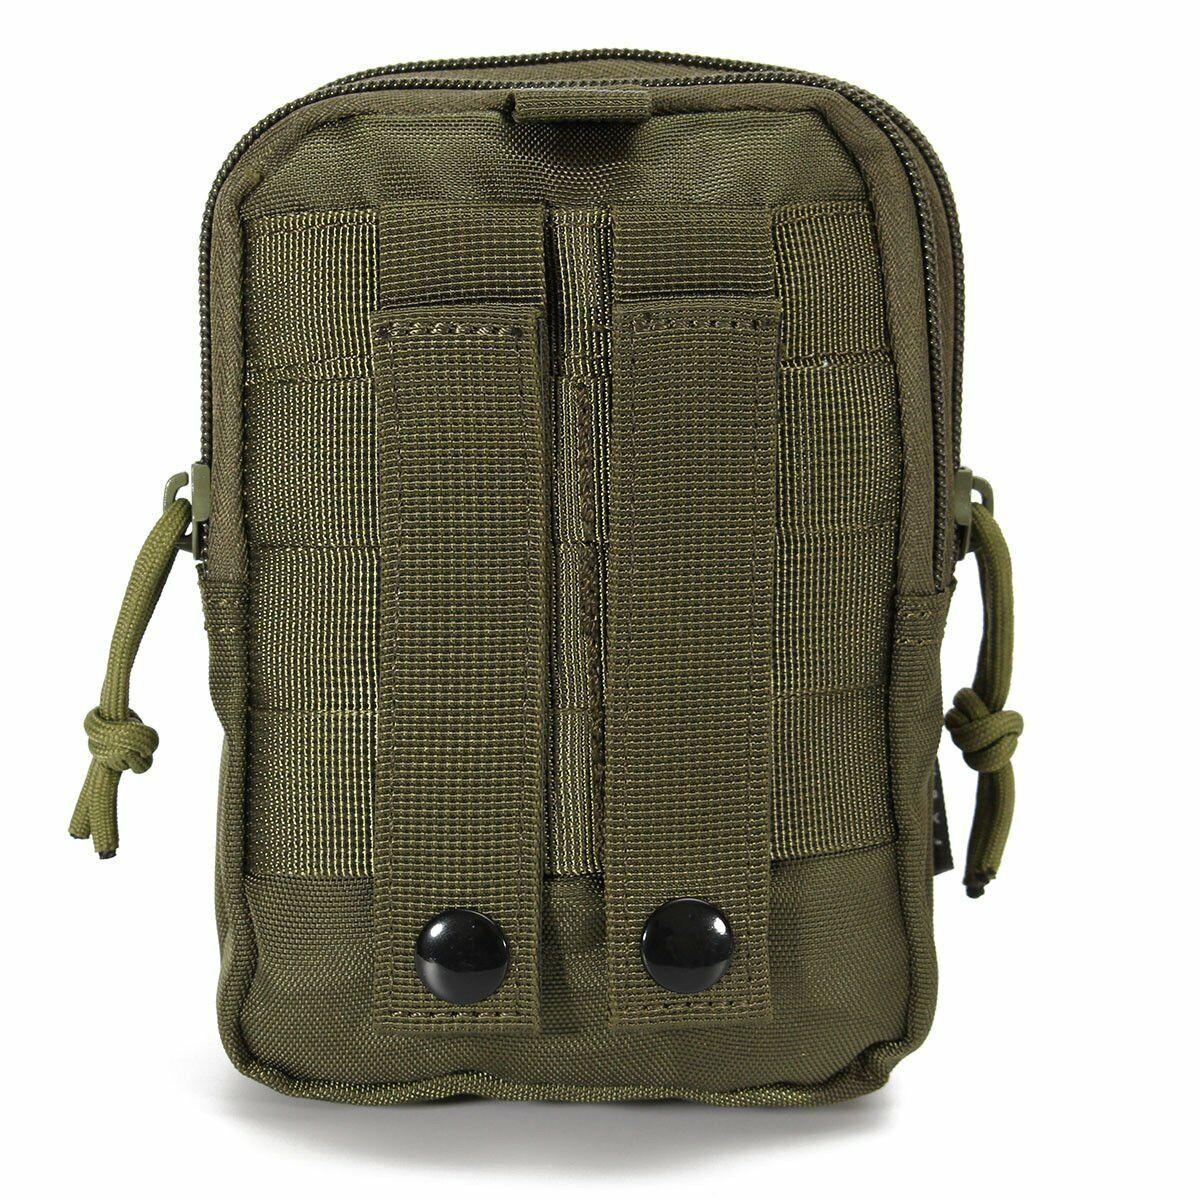 Umhängetasche Taktische Taille Pack Militär Armee Gürteltasche Herren Hüfttasche